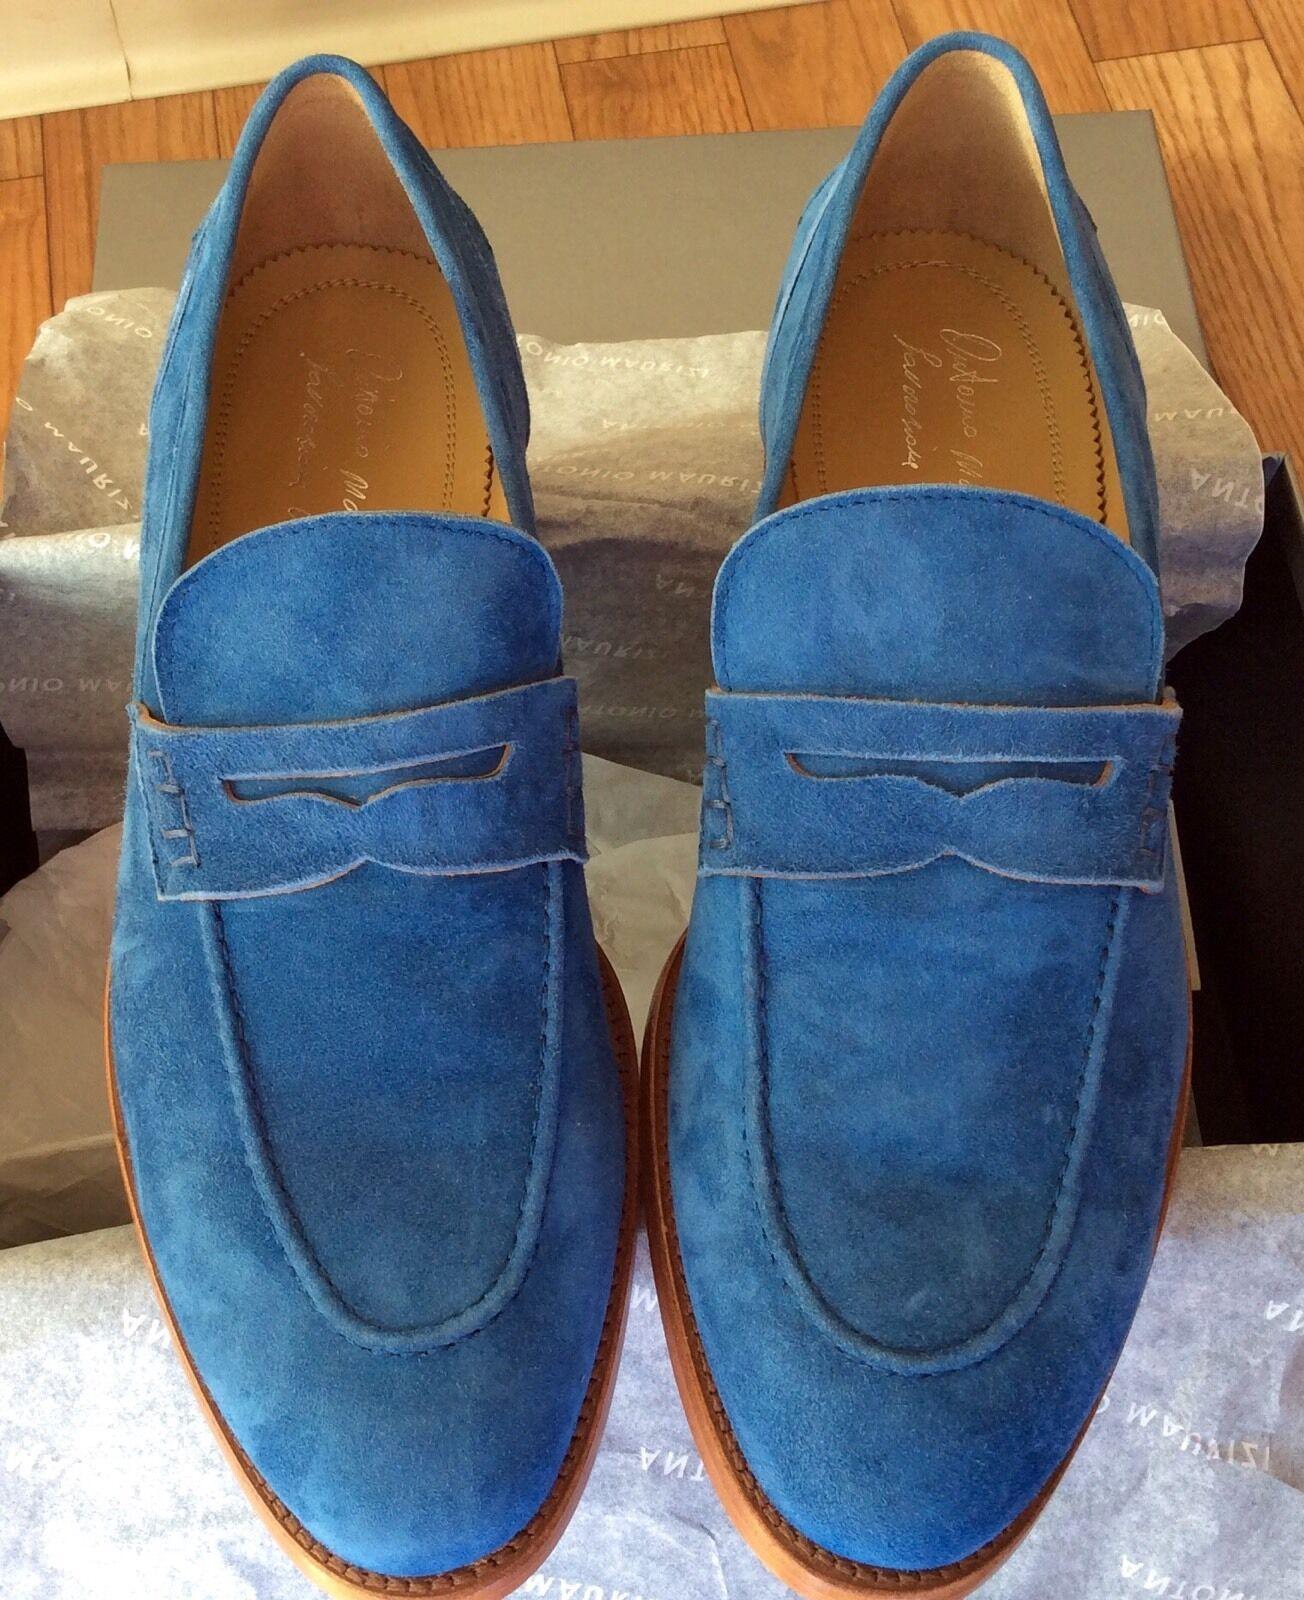 miglior prezzo migliore Antonio Maurizi Suede Slip On Penny Loafer 43 43 43 EU  Gorgeous blu Colore Brand NEW  a prezzi accessibili